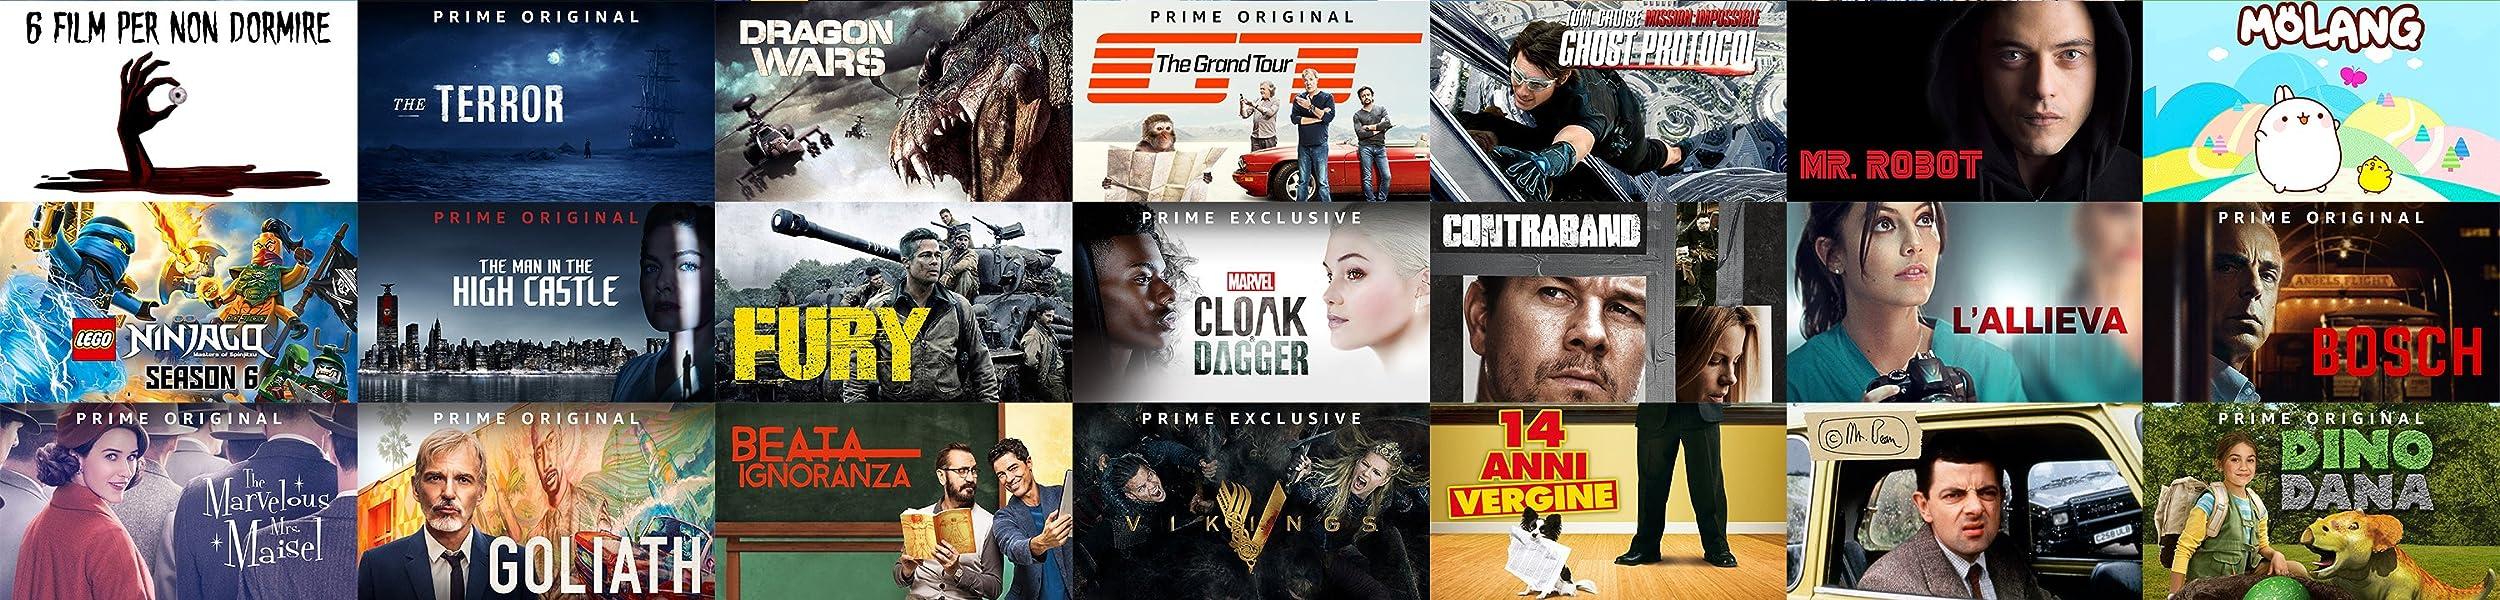 Guarda film e serie TV in streaming con Prime Video